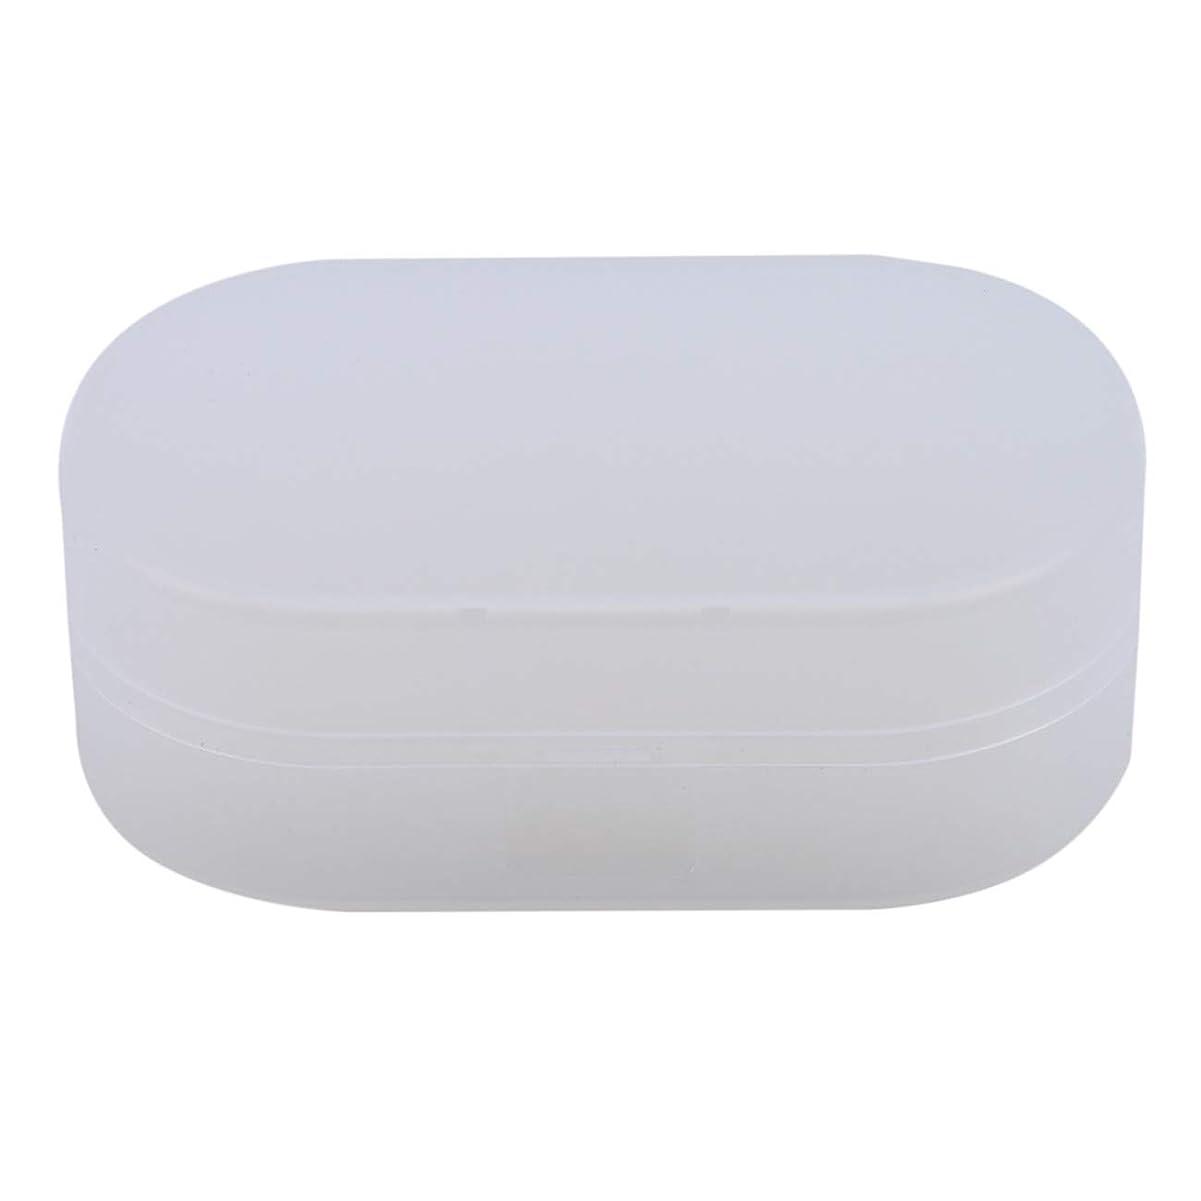 氷先にフリンジZALINGソープボックスホルダーソープディッシュソープセーバーケースコンテナ用バスルームキャンプホワイト